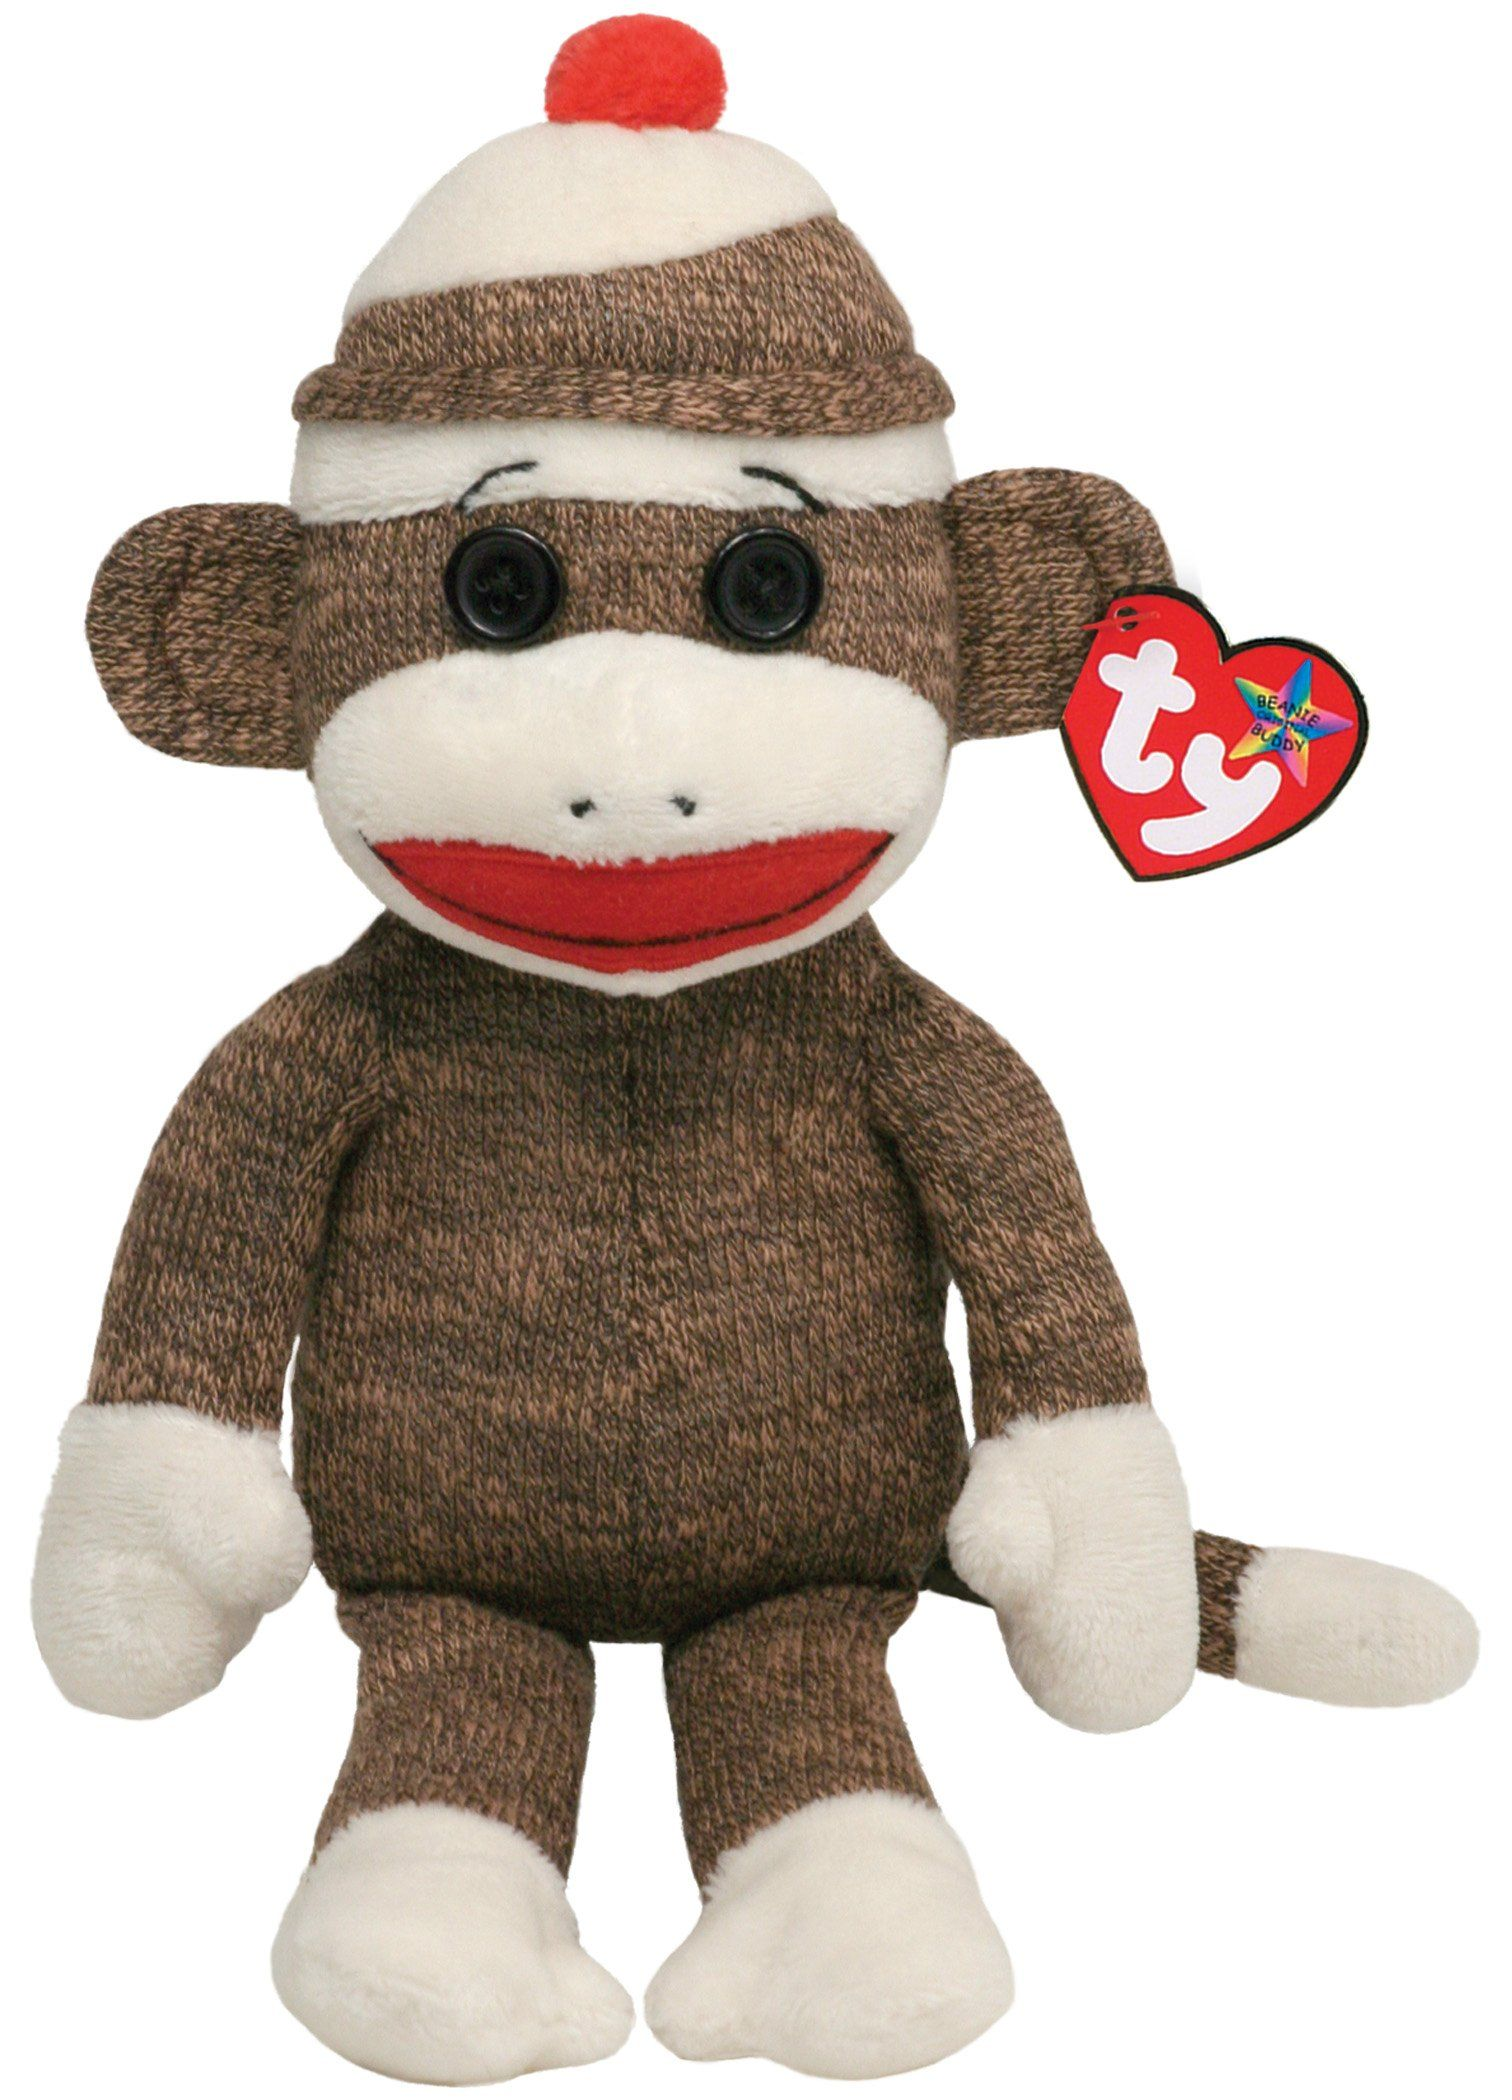 Amazon.com  Ty Beanie Buddies Socks Monkey (Brown)  Toys   Games ... 41ecfe8cec68